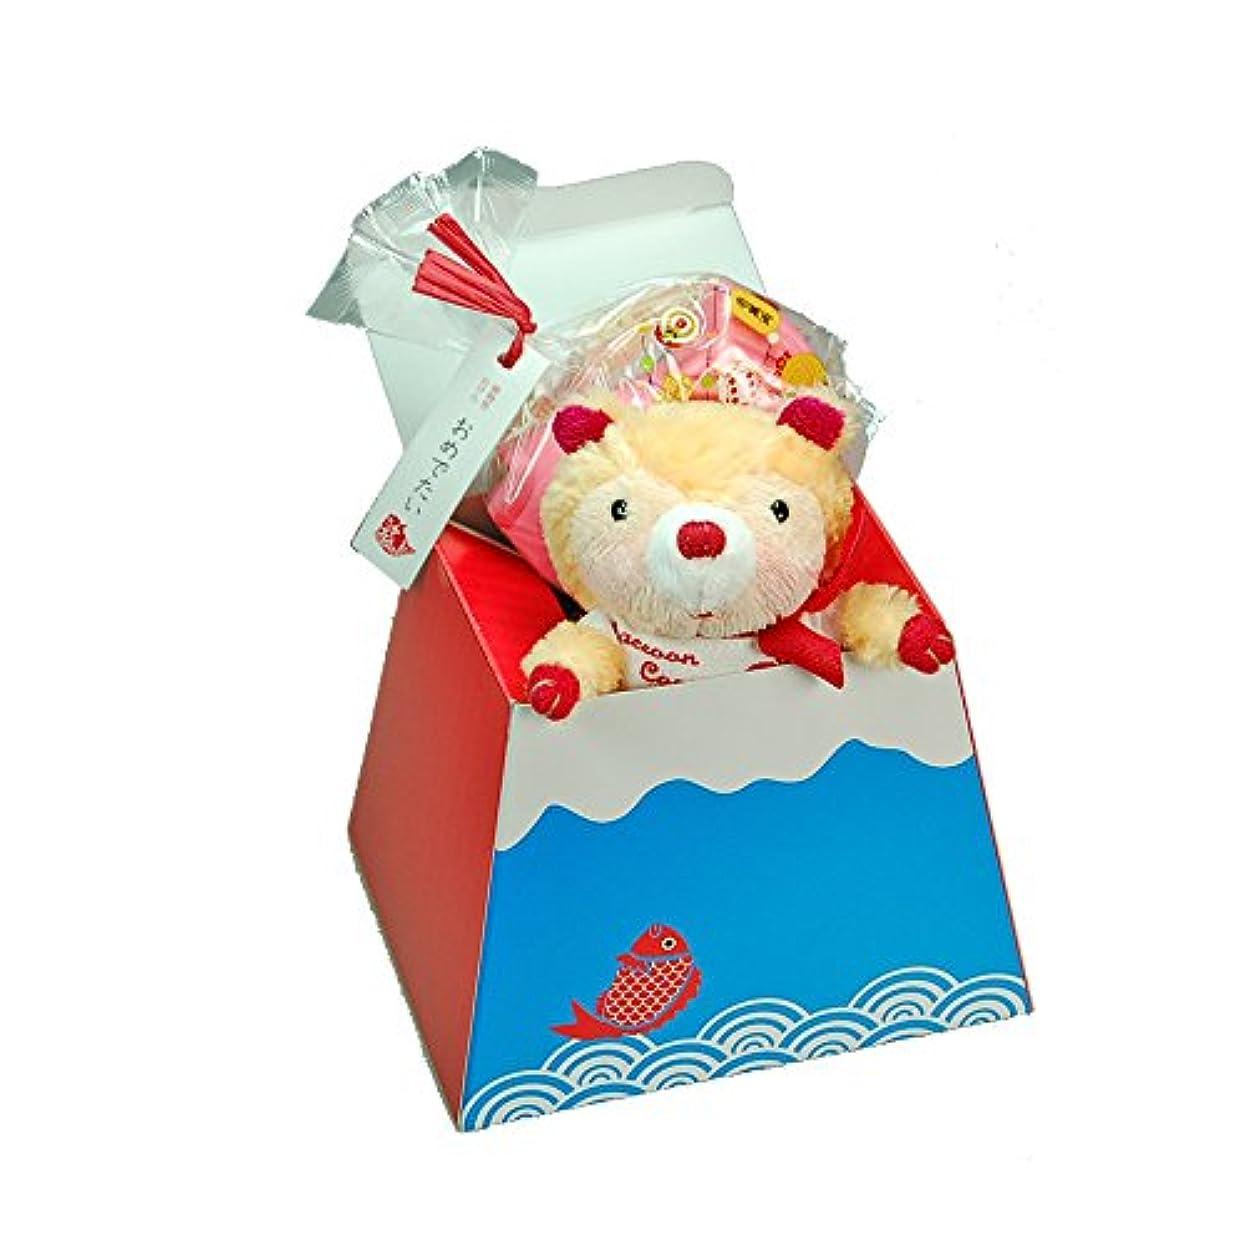 必須グレード魂プチギフト リトルマスコット 鯛 石けん 富士山ラッピング付き 誕生日プレゼント お祝い 入学 卒業  (リトルセット)